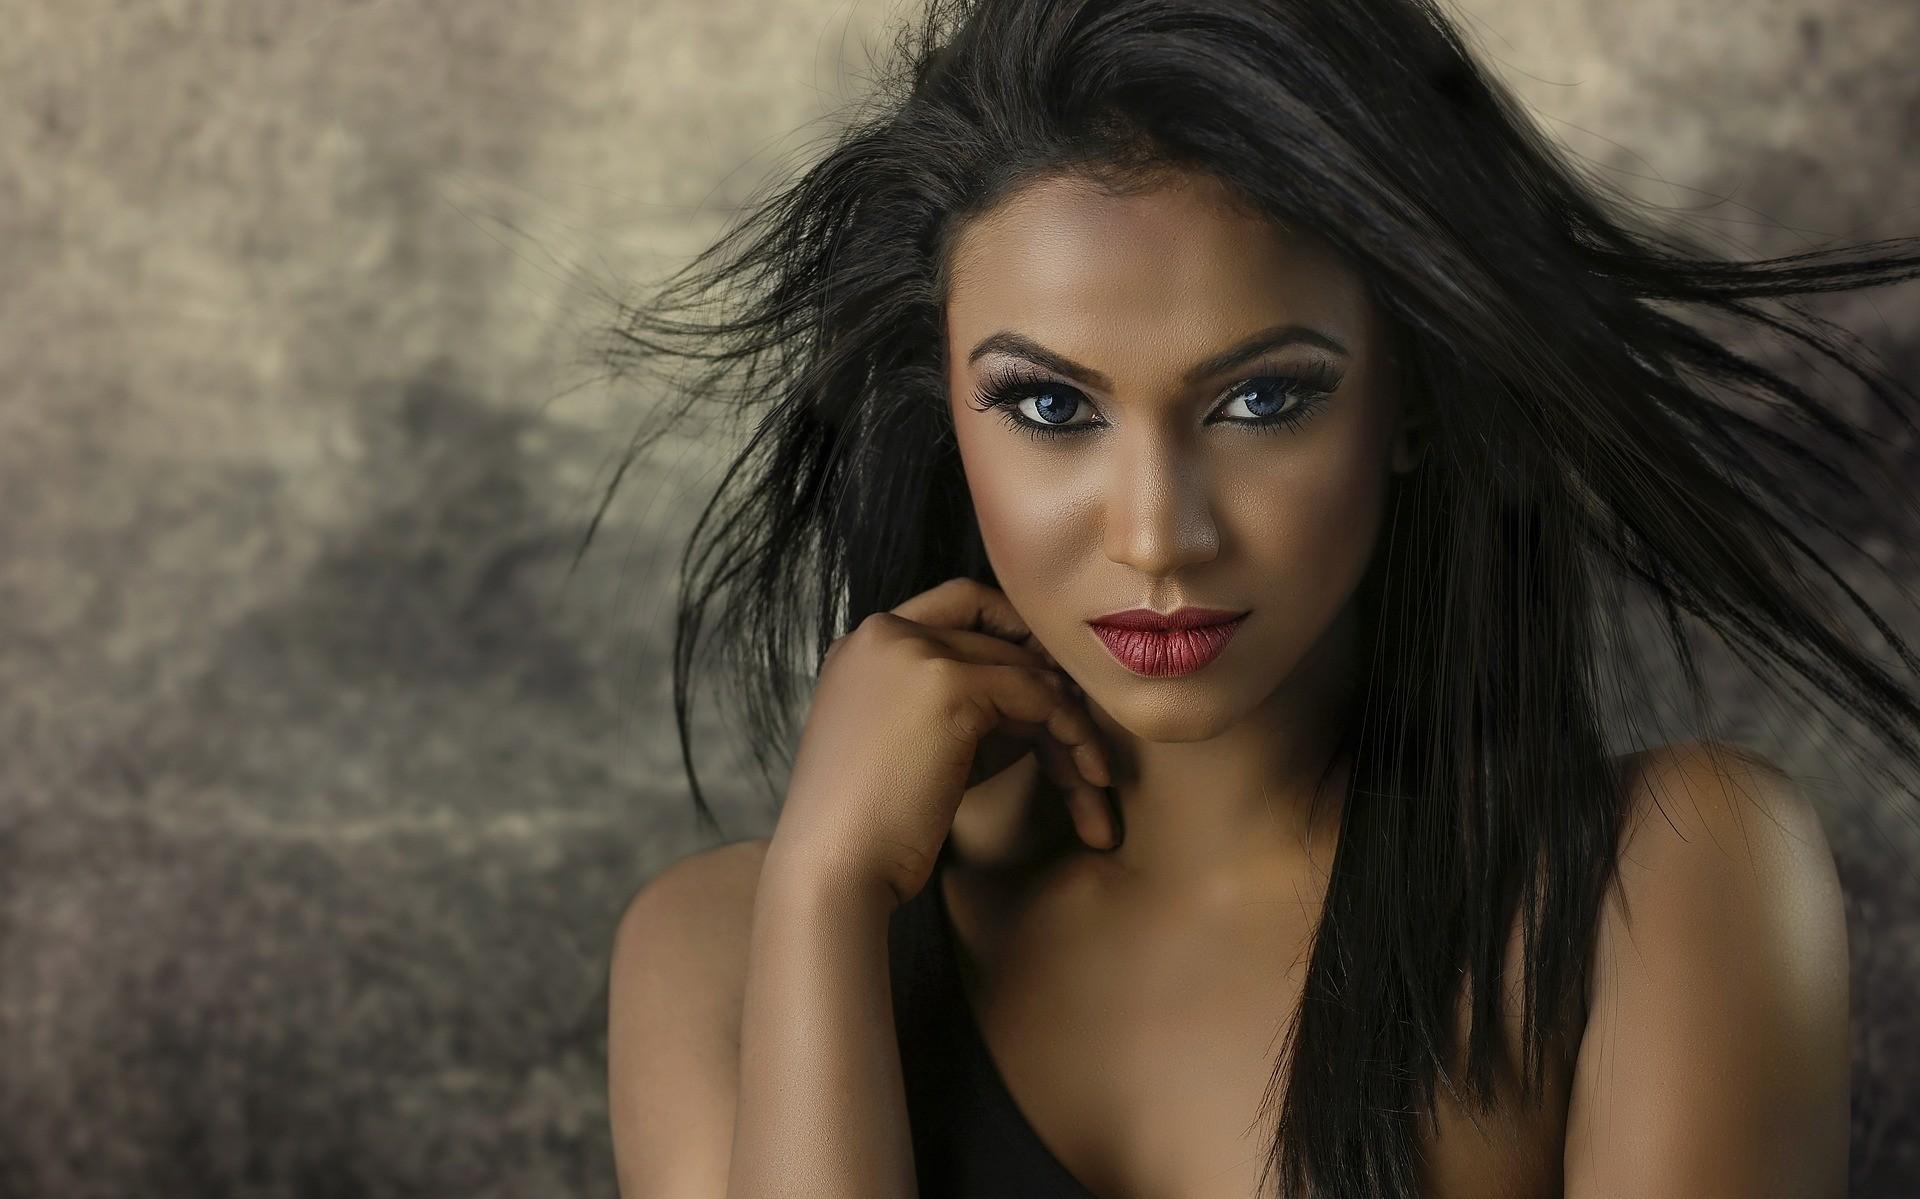 bedste kvinders dating profiler gratis online dating site nigeria